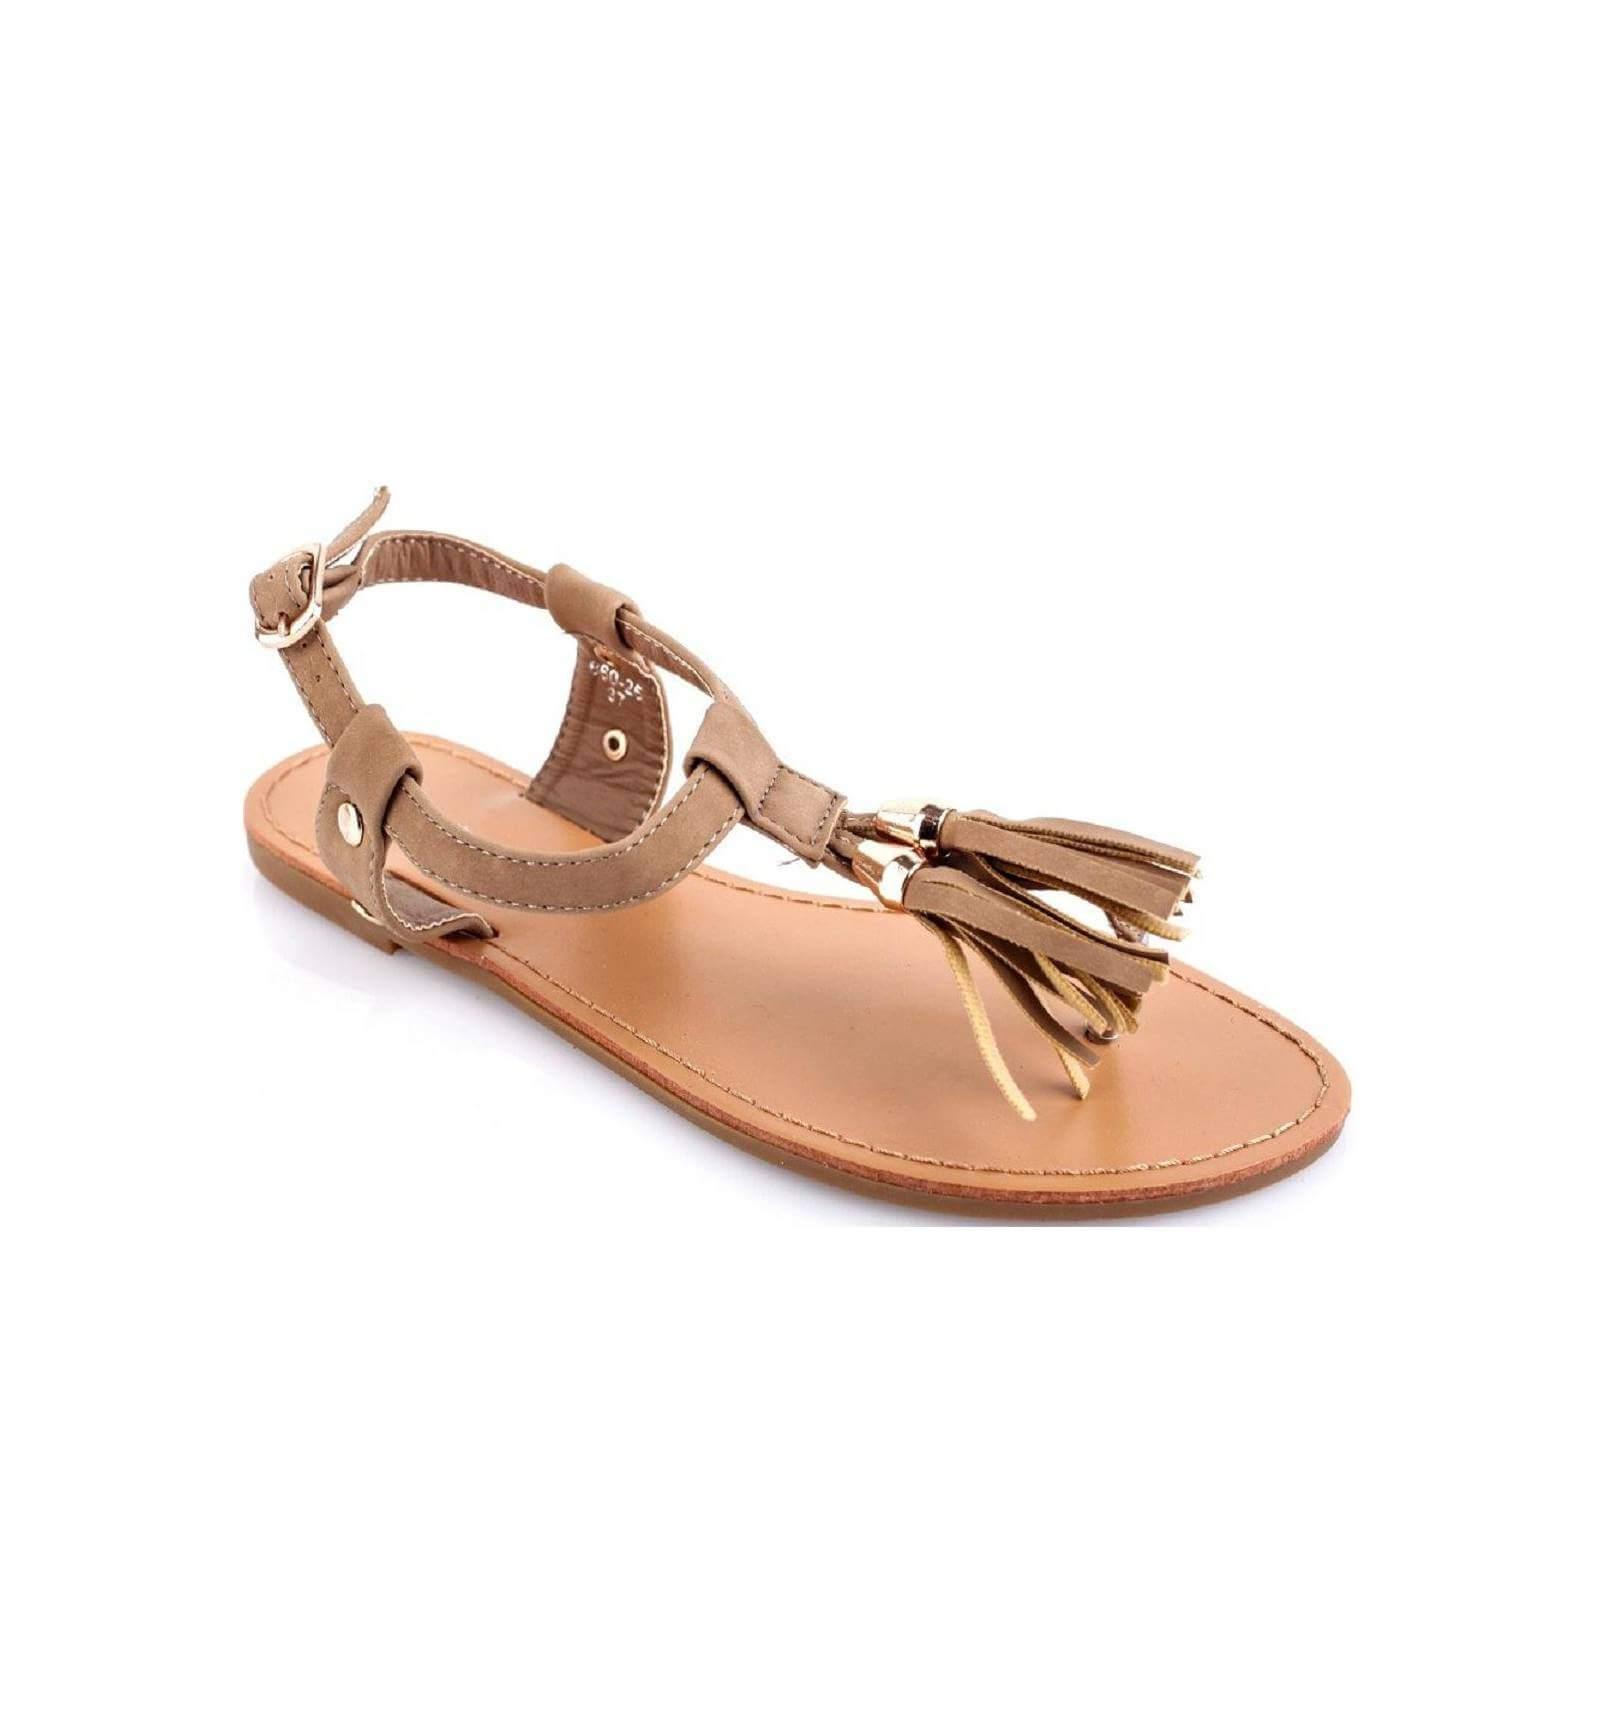 Sandale franges - Sandales originales pas cher ...